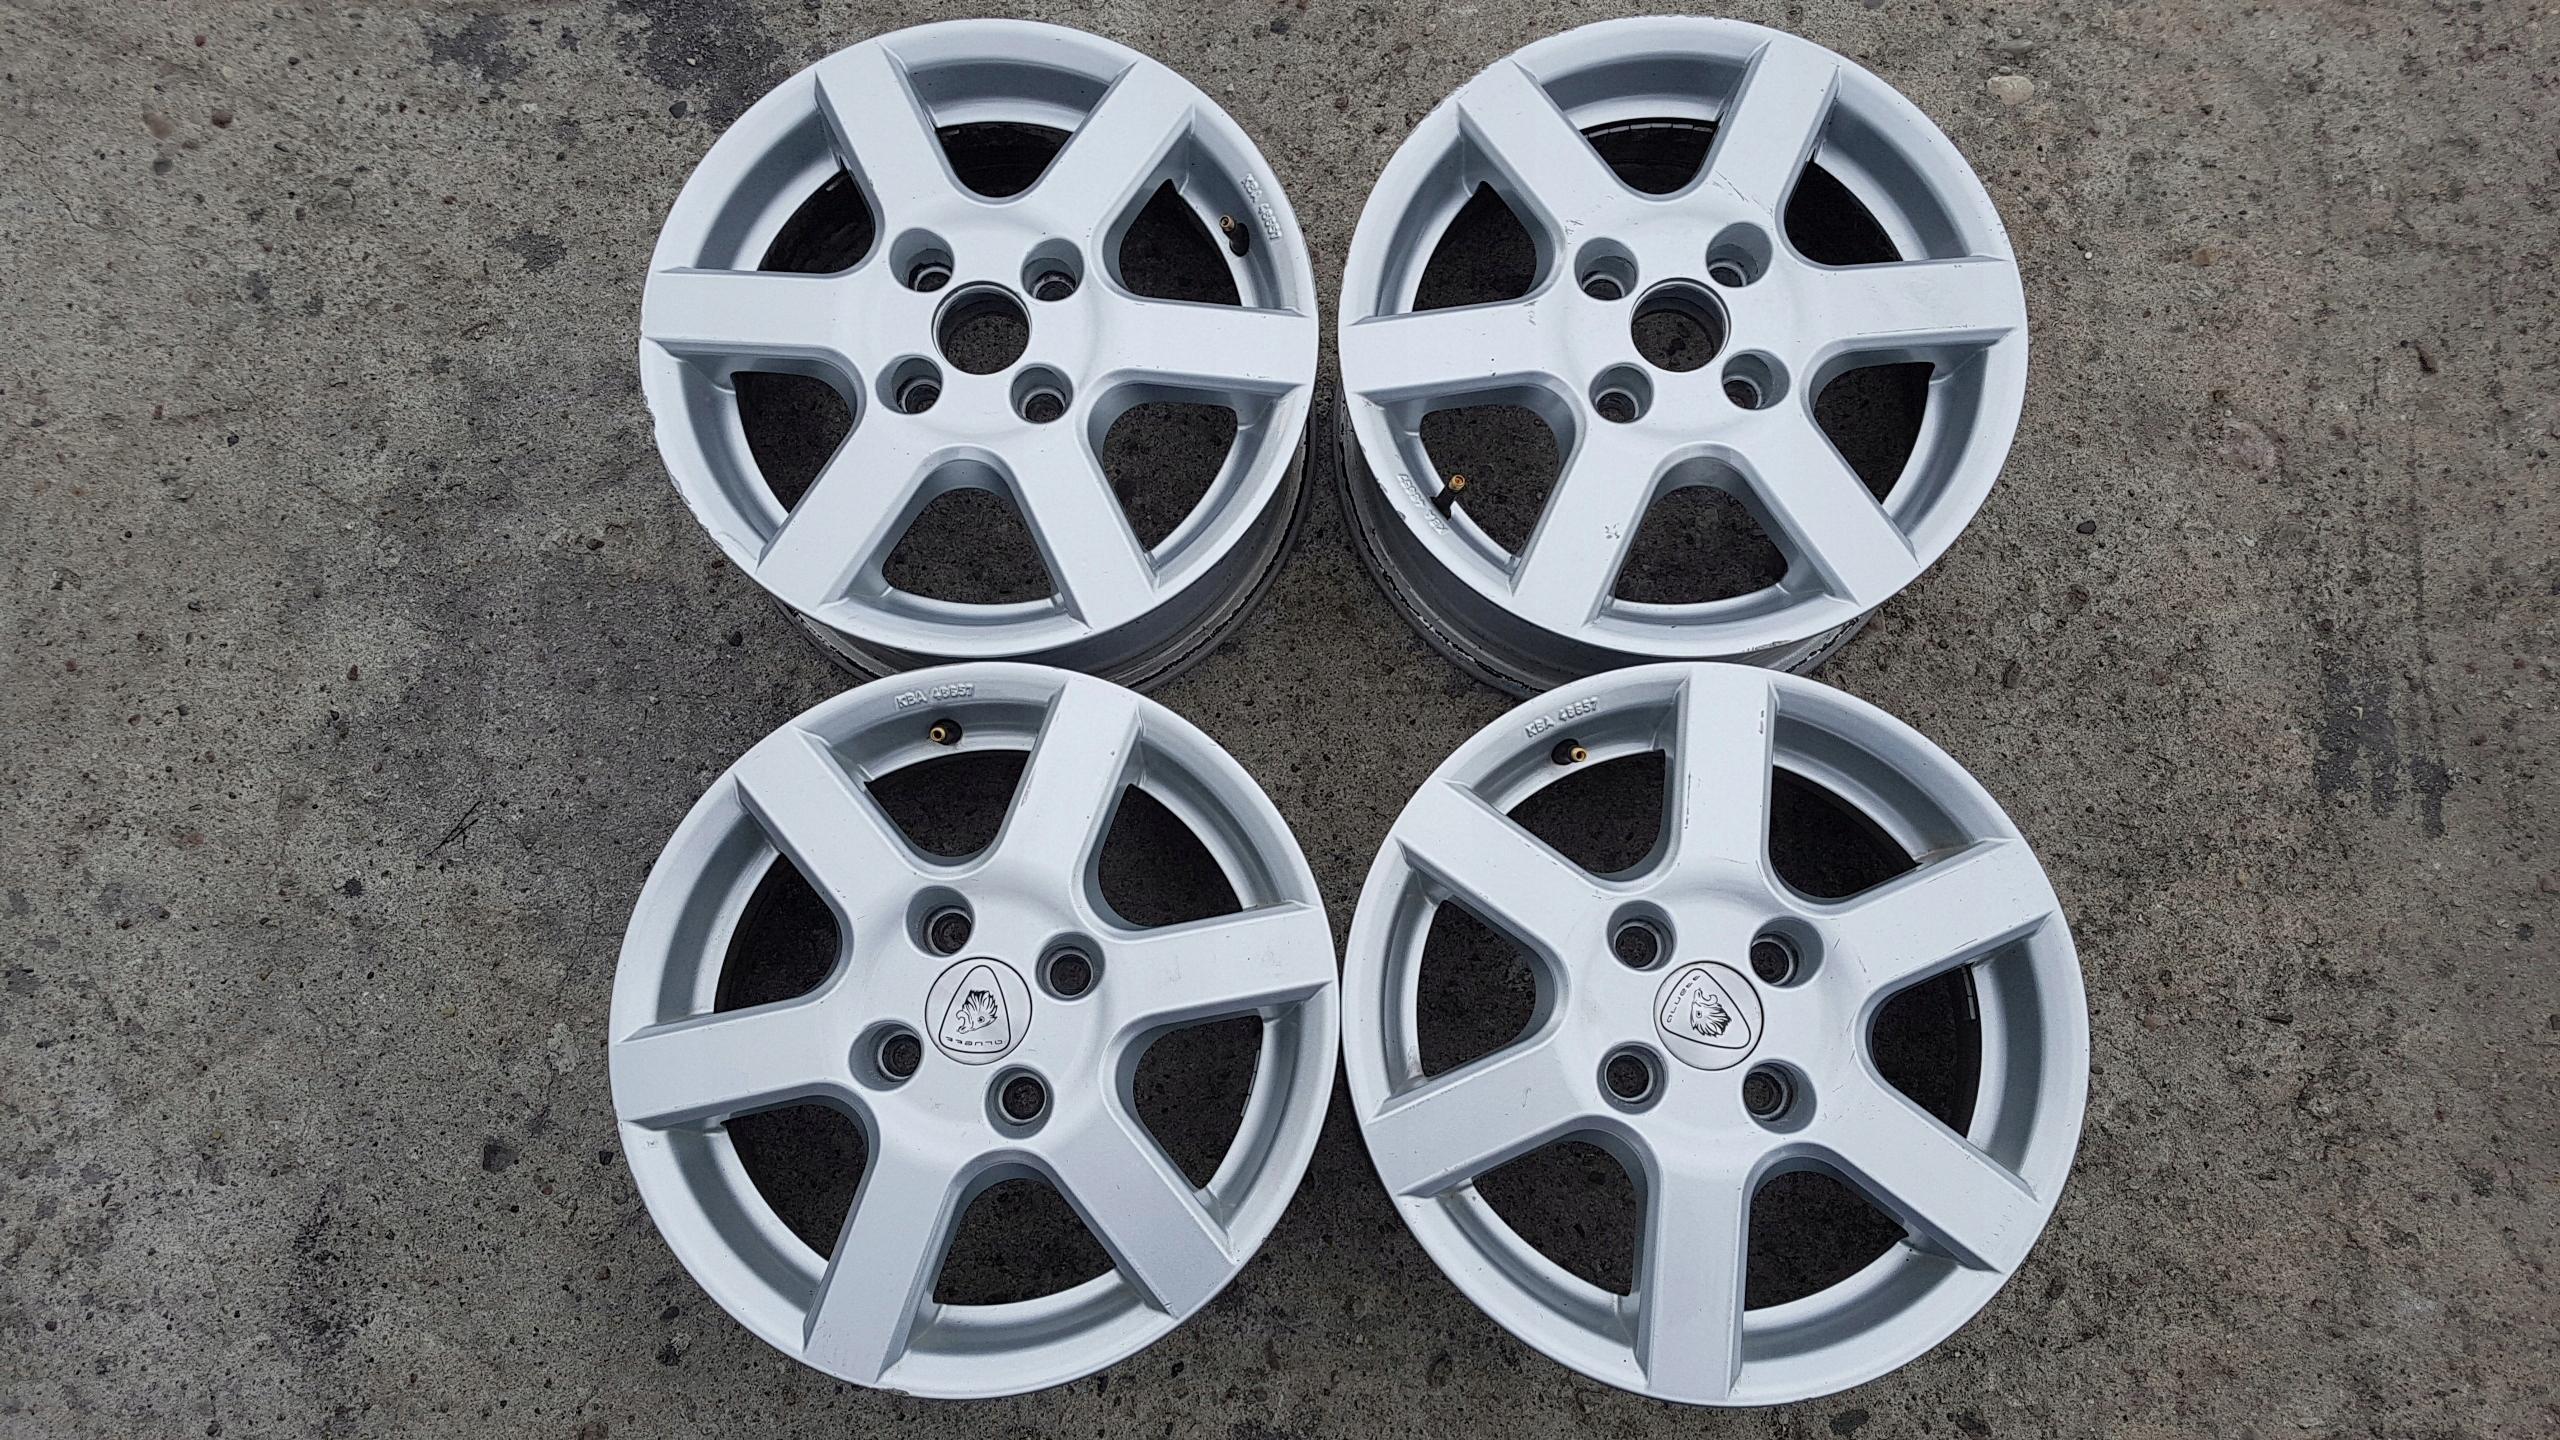 Felgi Aluminiowe 14 Toyota Aygo Citroen C1 Peugeot 7577467655